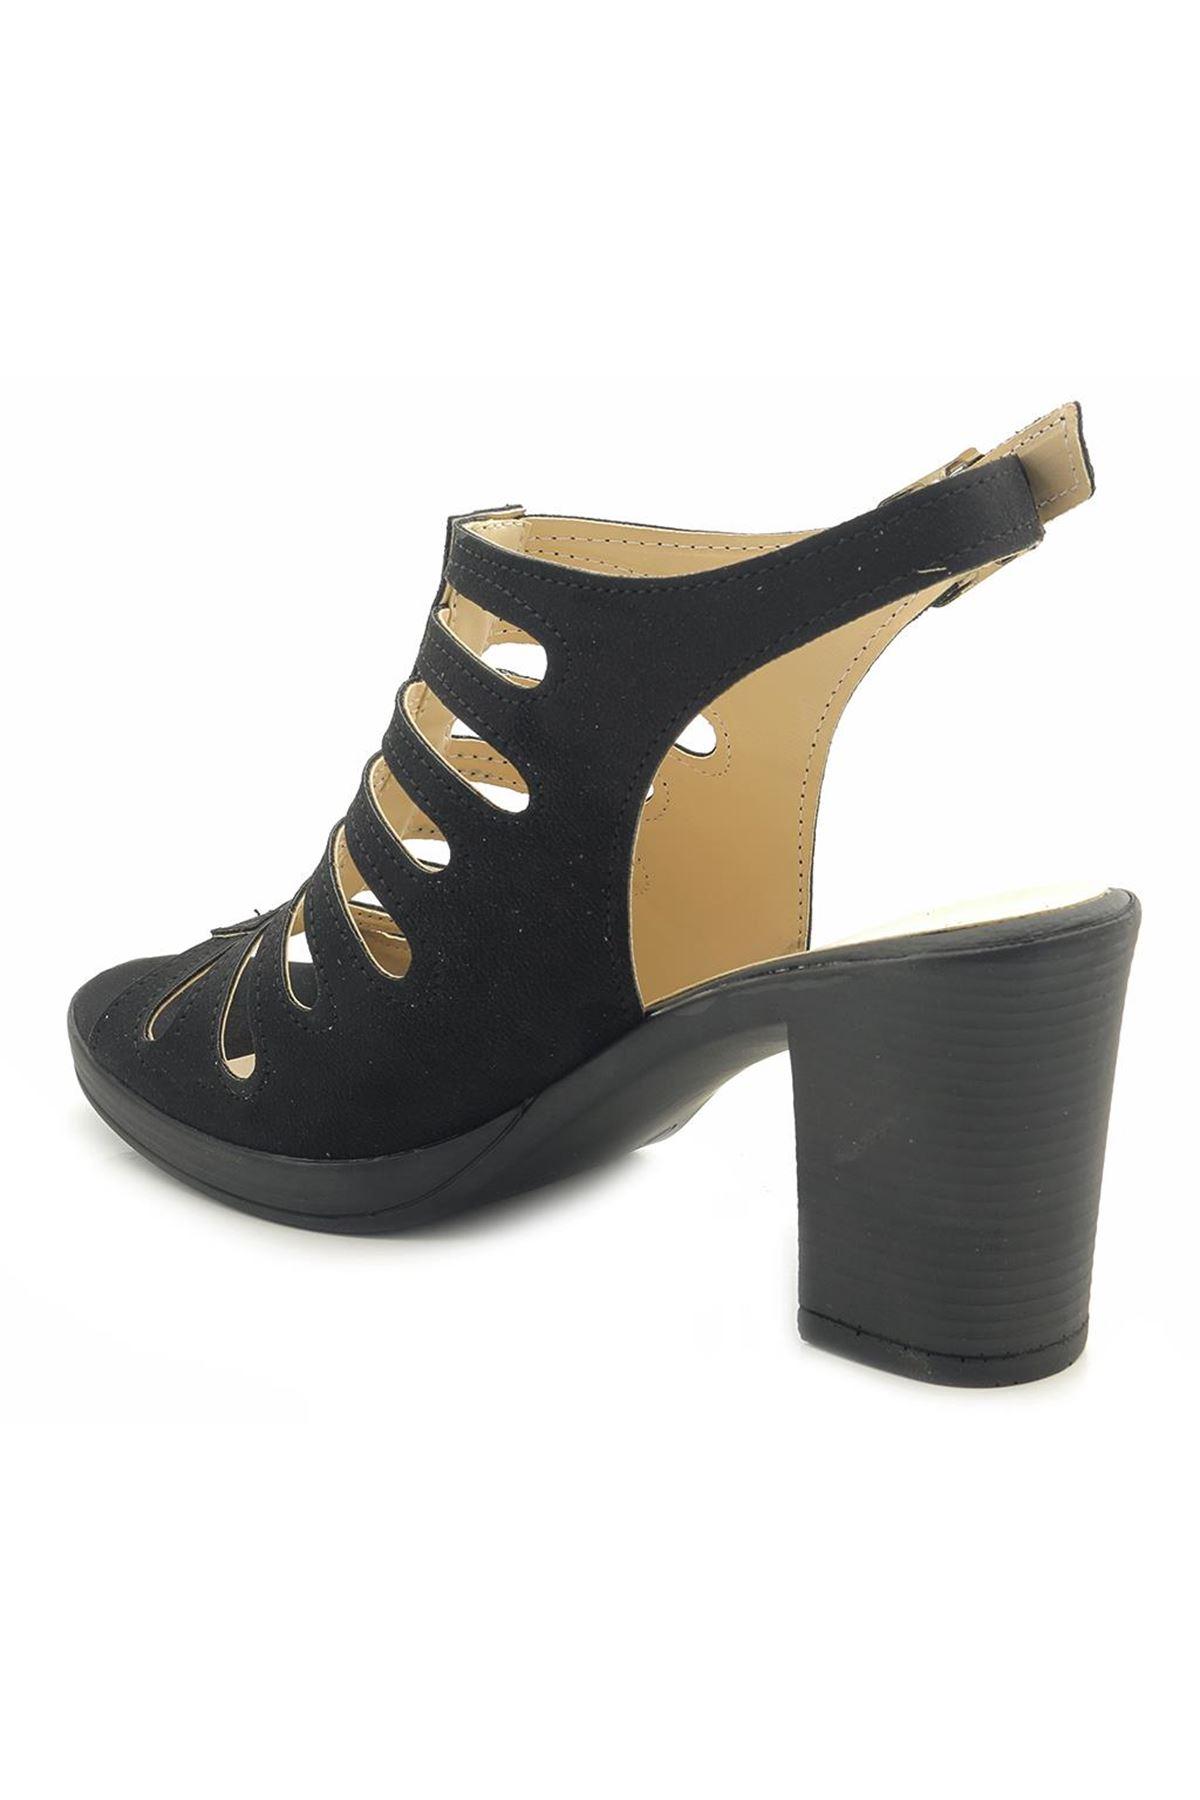 Fantasy U8544 Kafes Model Topuklu Kadın Ayakkabı